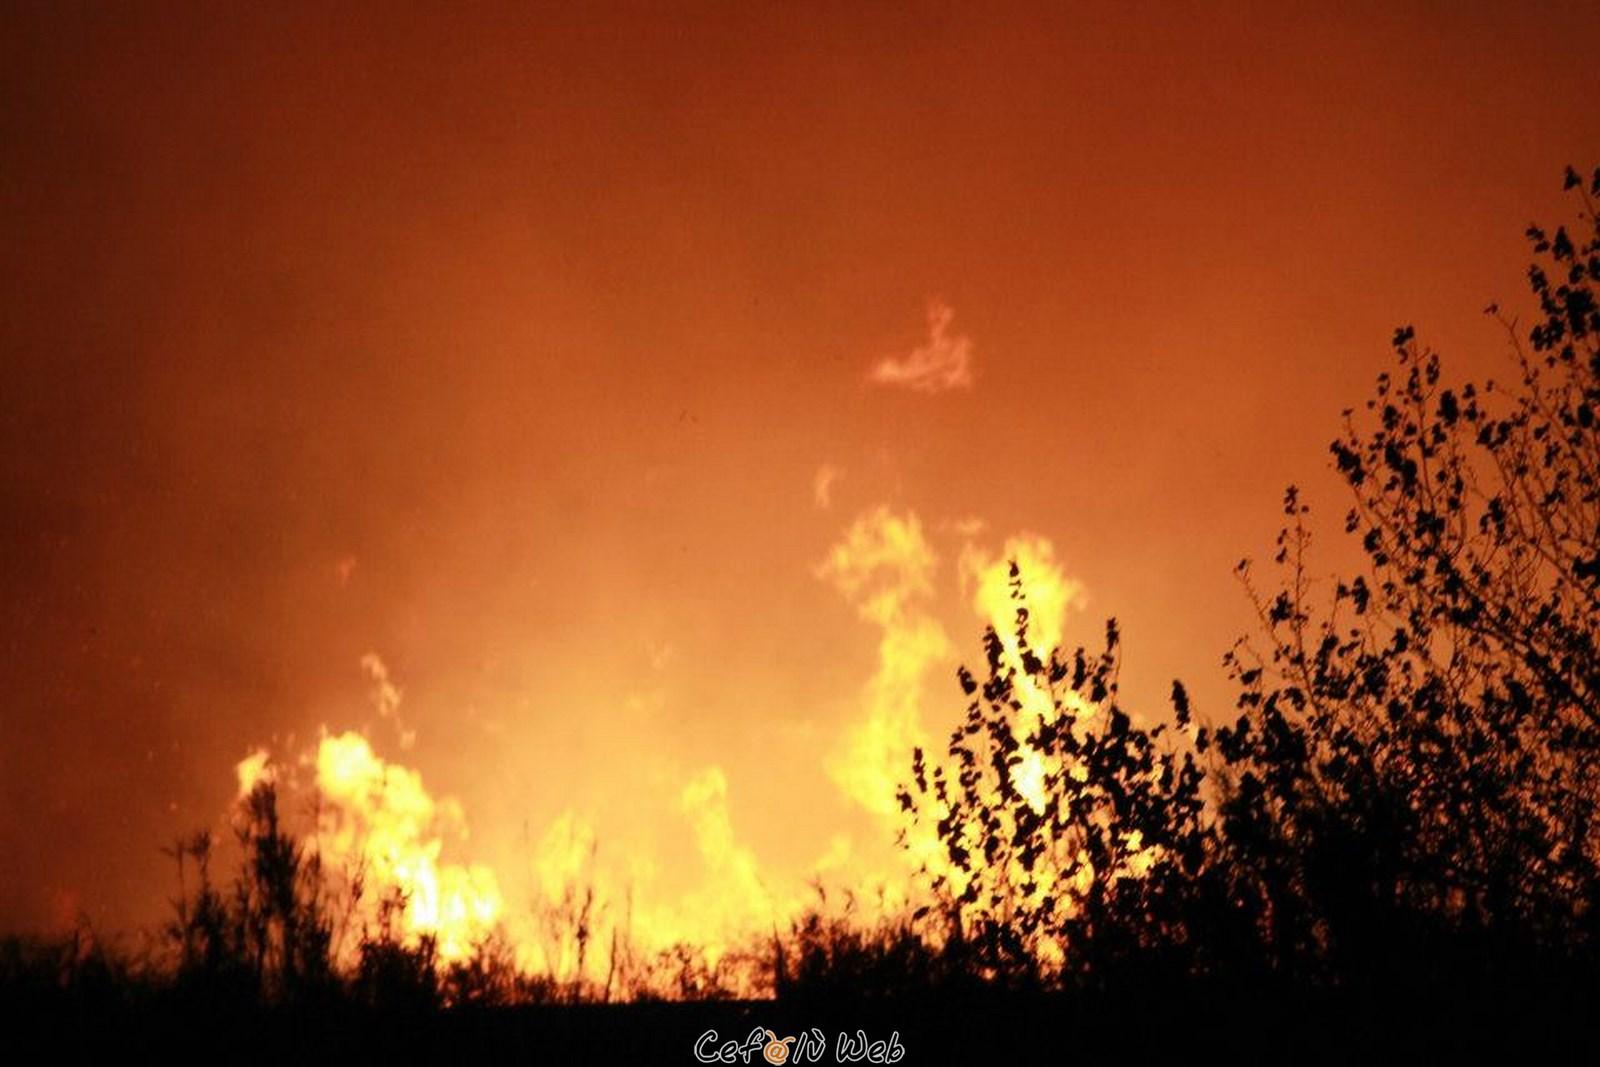 Post-incendio: diverse aziende agricole a rischio chiusura